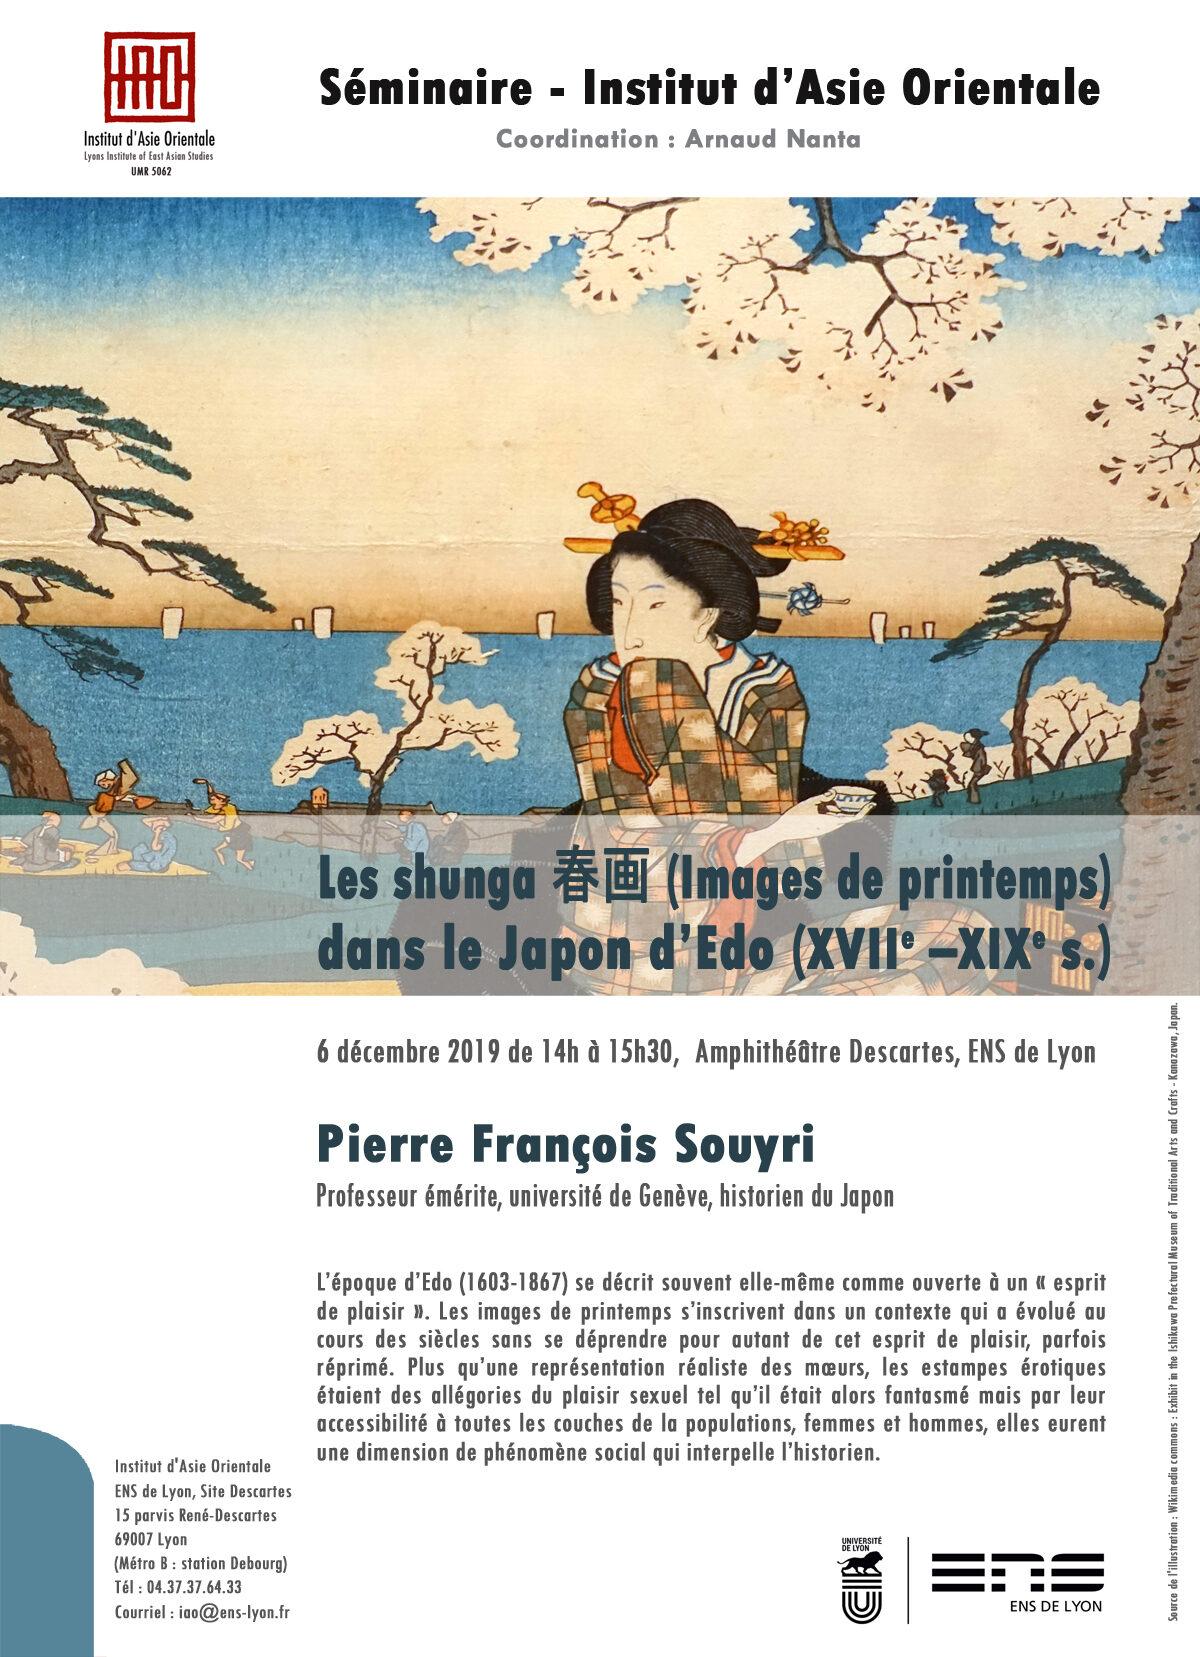 Séminaire de l'IAO : Pierre François Souyri